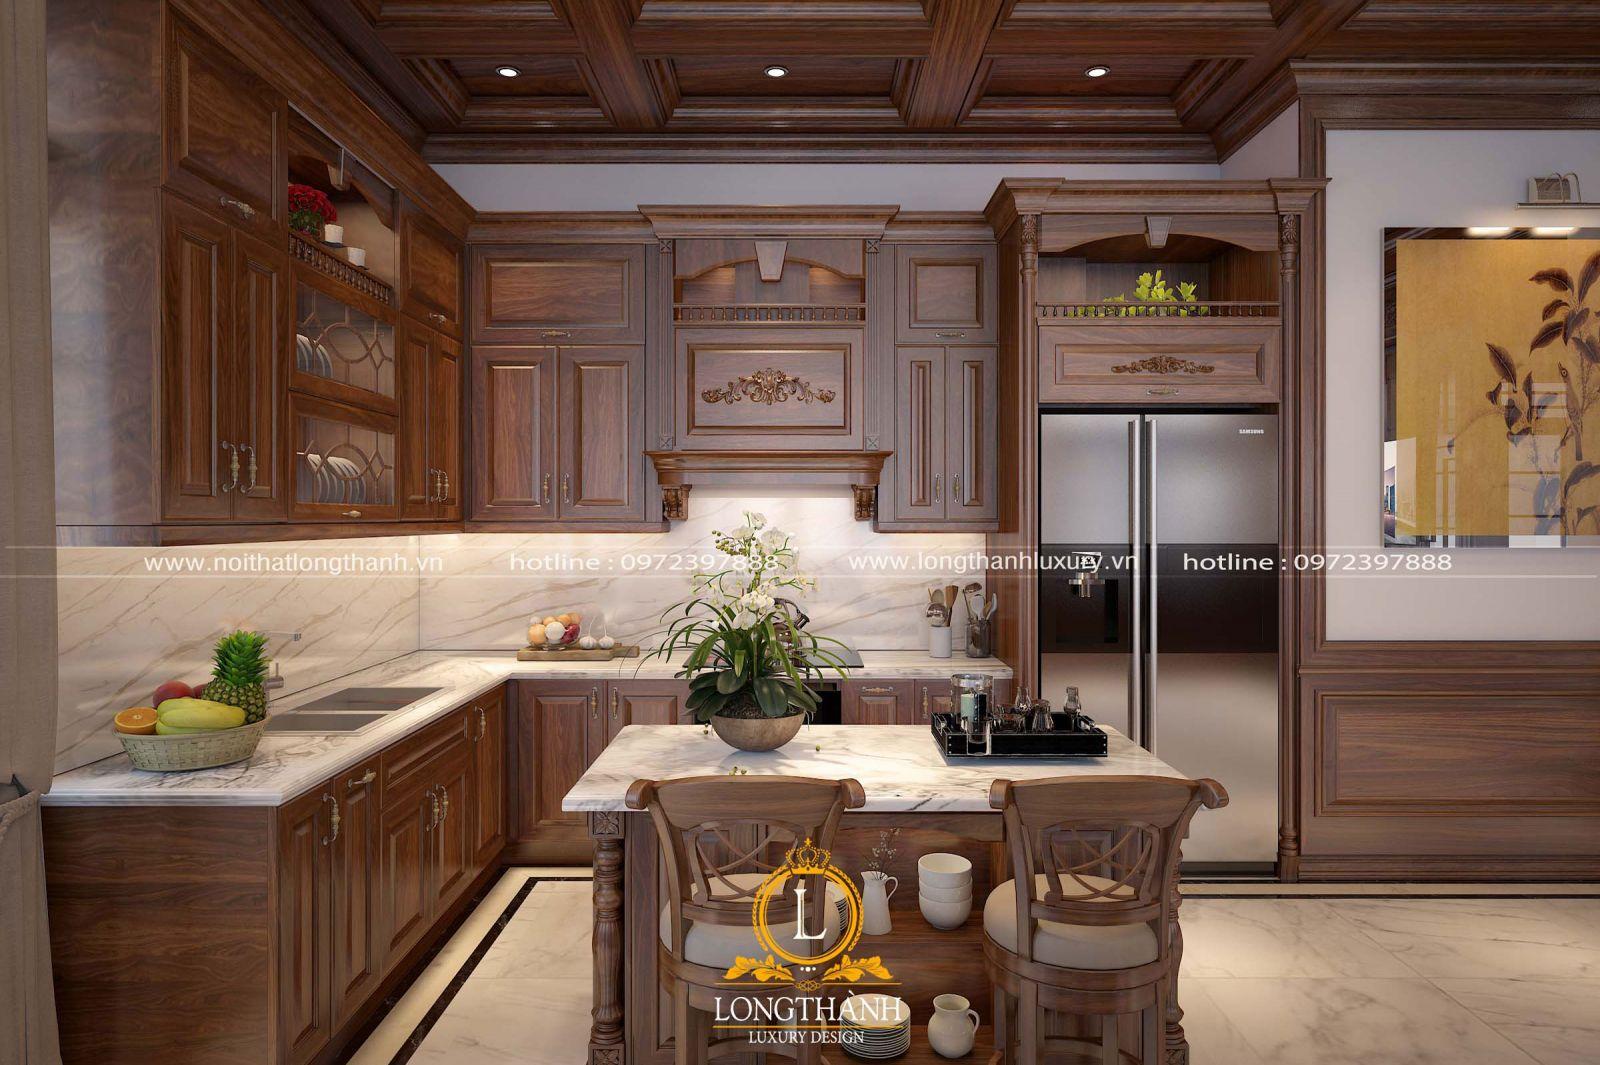 Mẫu thiết kế tủ bếp tân cổ điển ấn tượng